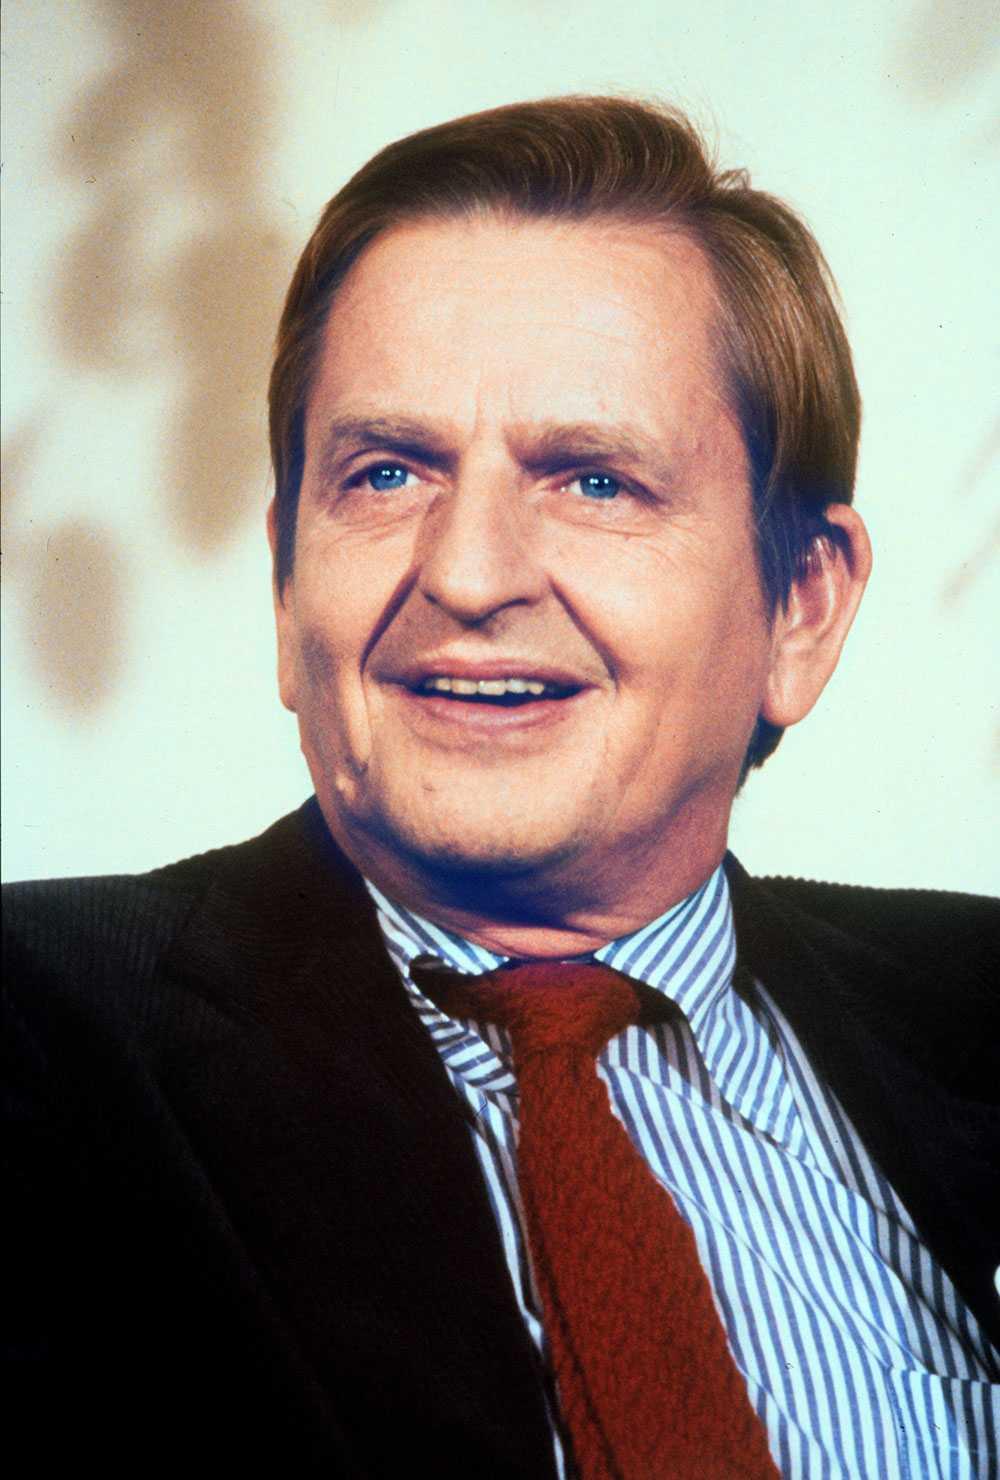 MÖRDARJAKTEN FORTSÄTTER Nu följer polisen upp nya spår i utredningen om mordet på Olof Palme. En före detta polis har kallats till förhör.